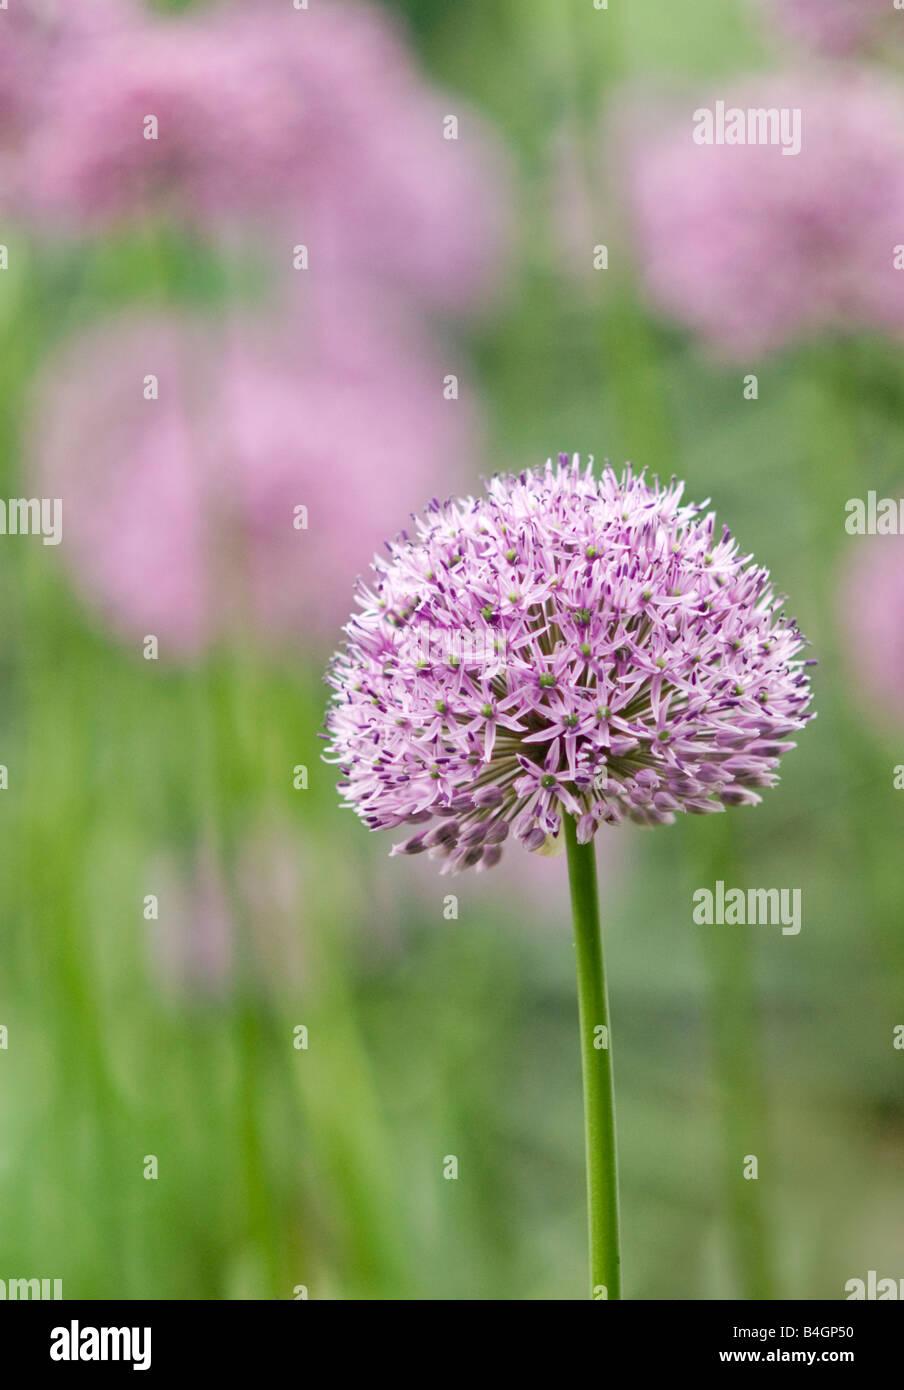 Allium Flowers Allium giganteum - Stock Image